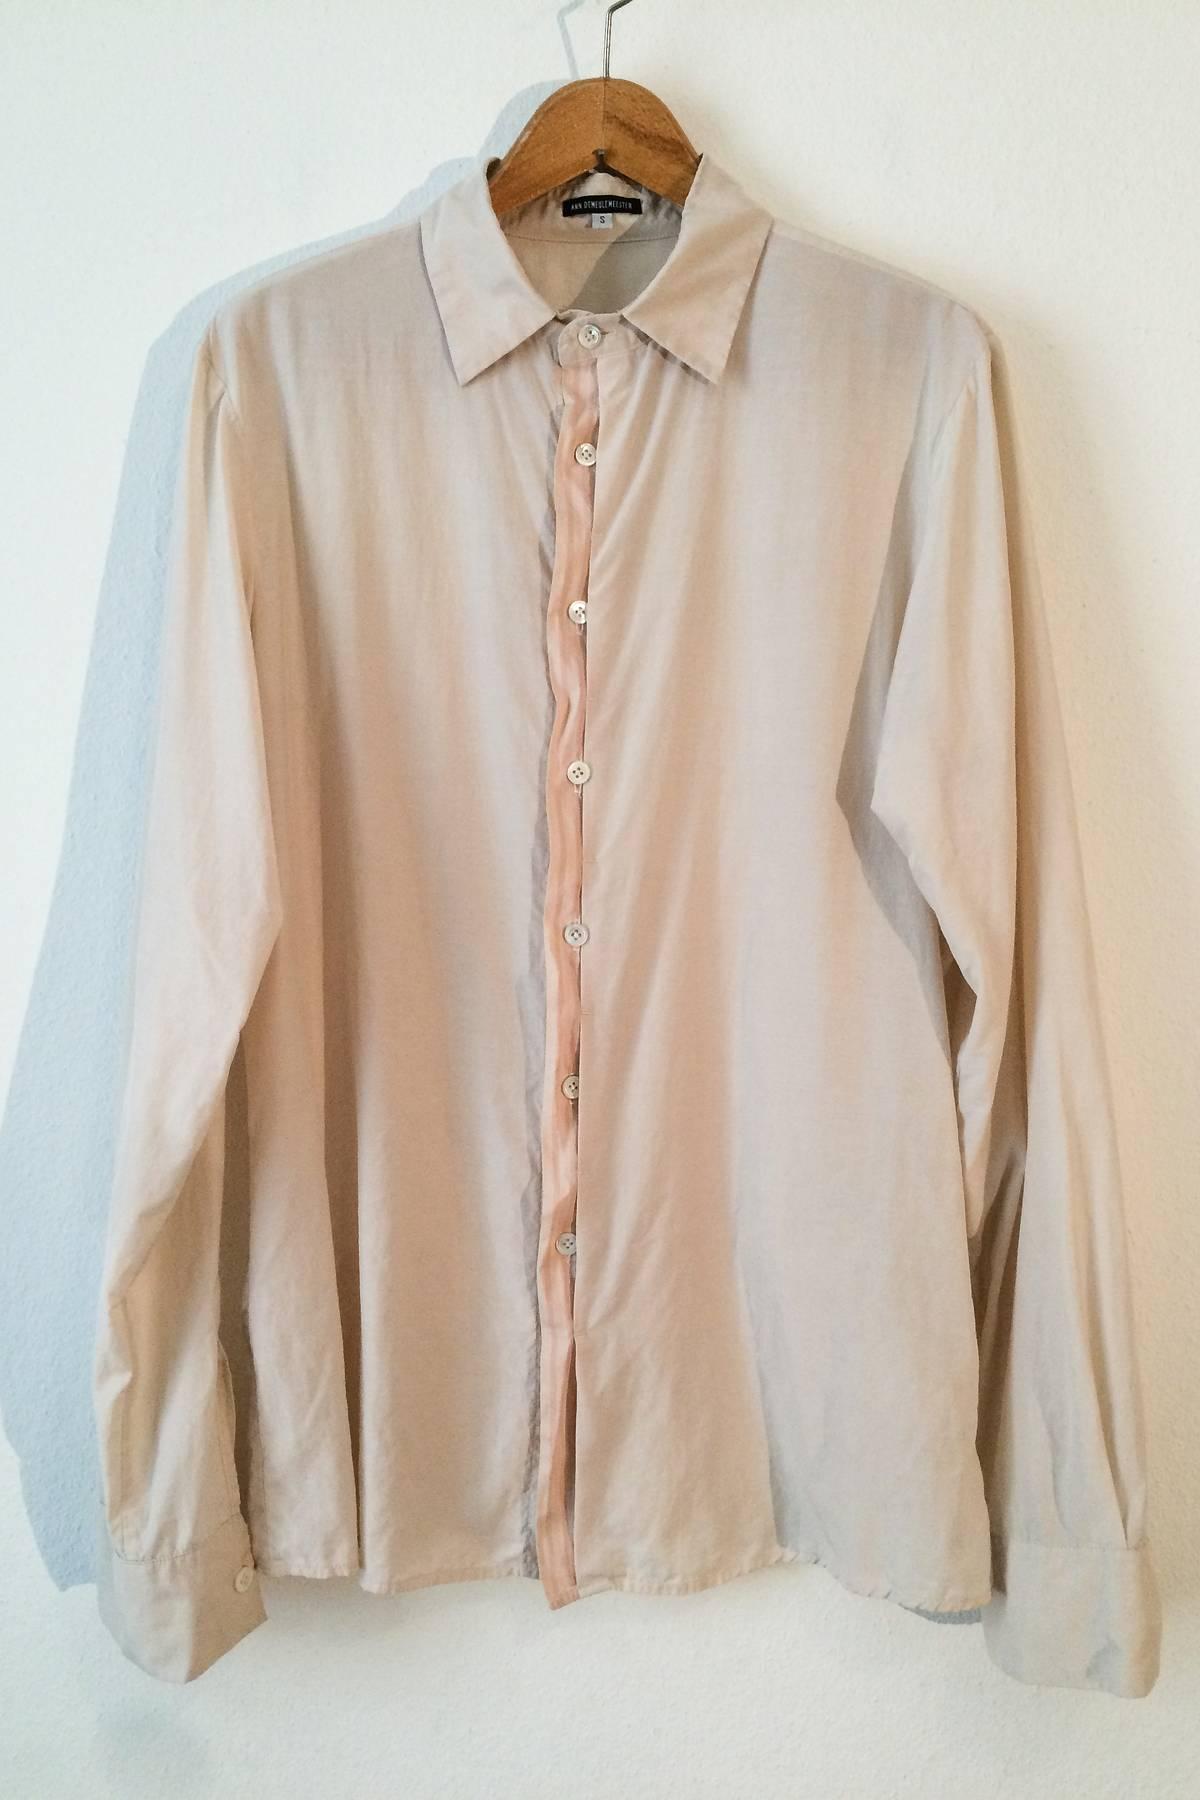 Ann Demeulemeester Silk Cotton Dress Shirt Light Salmon Coloured